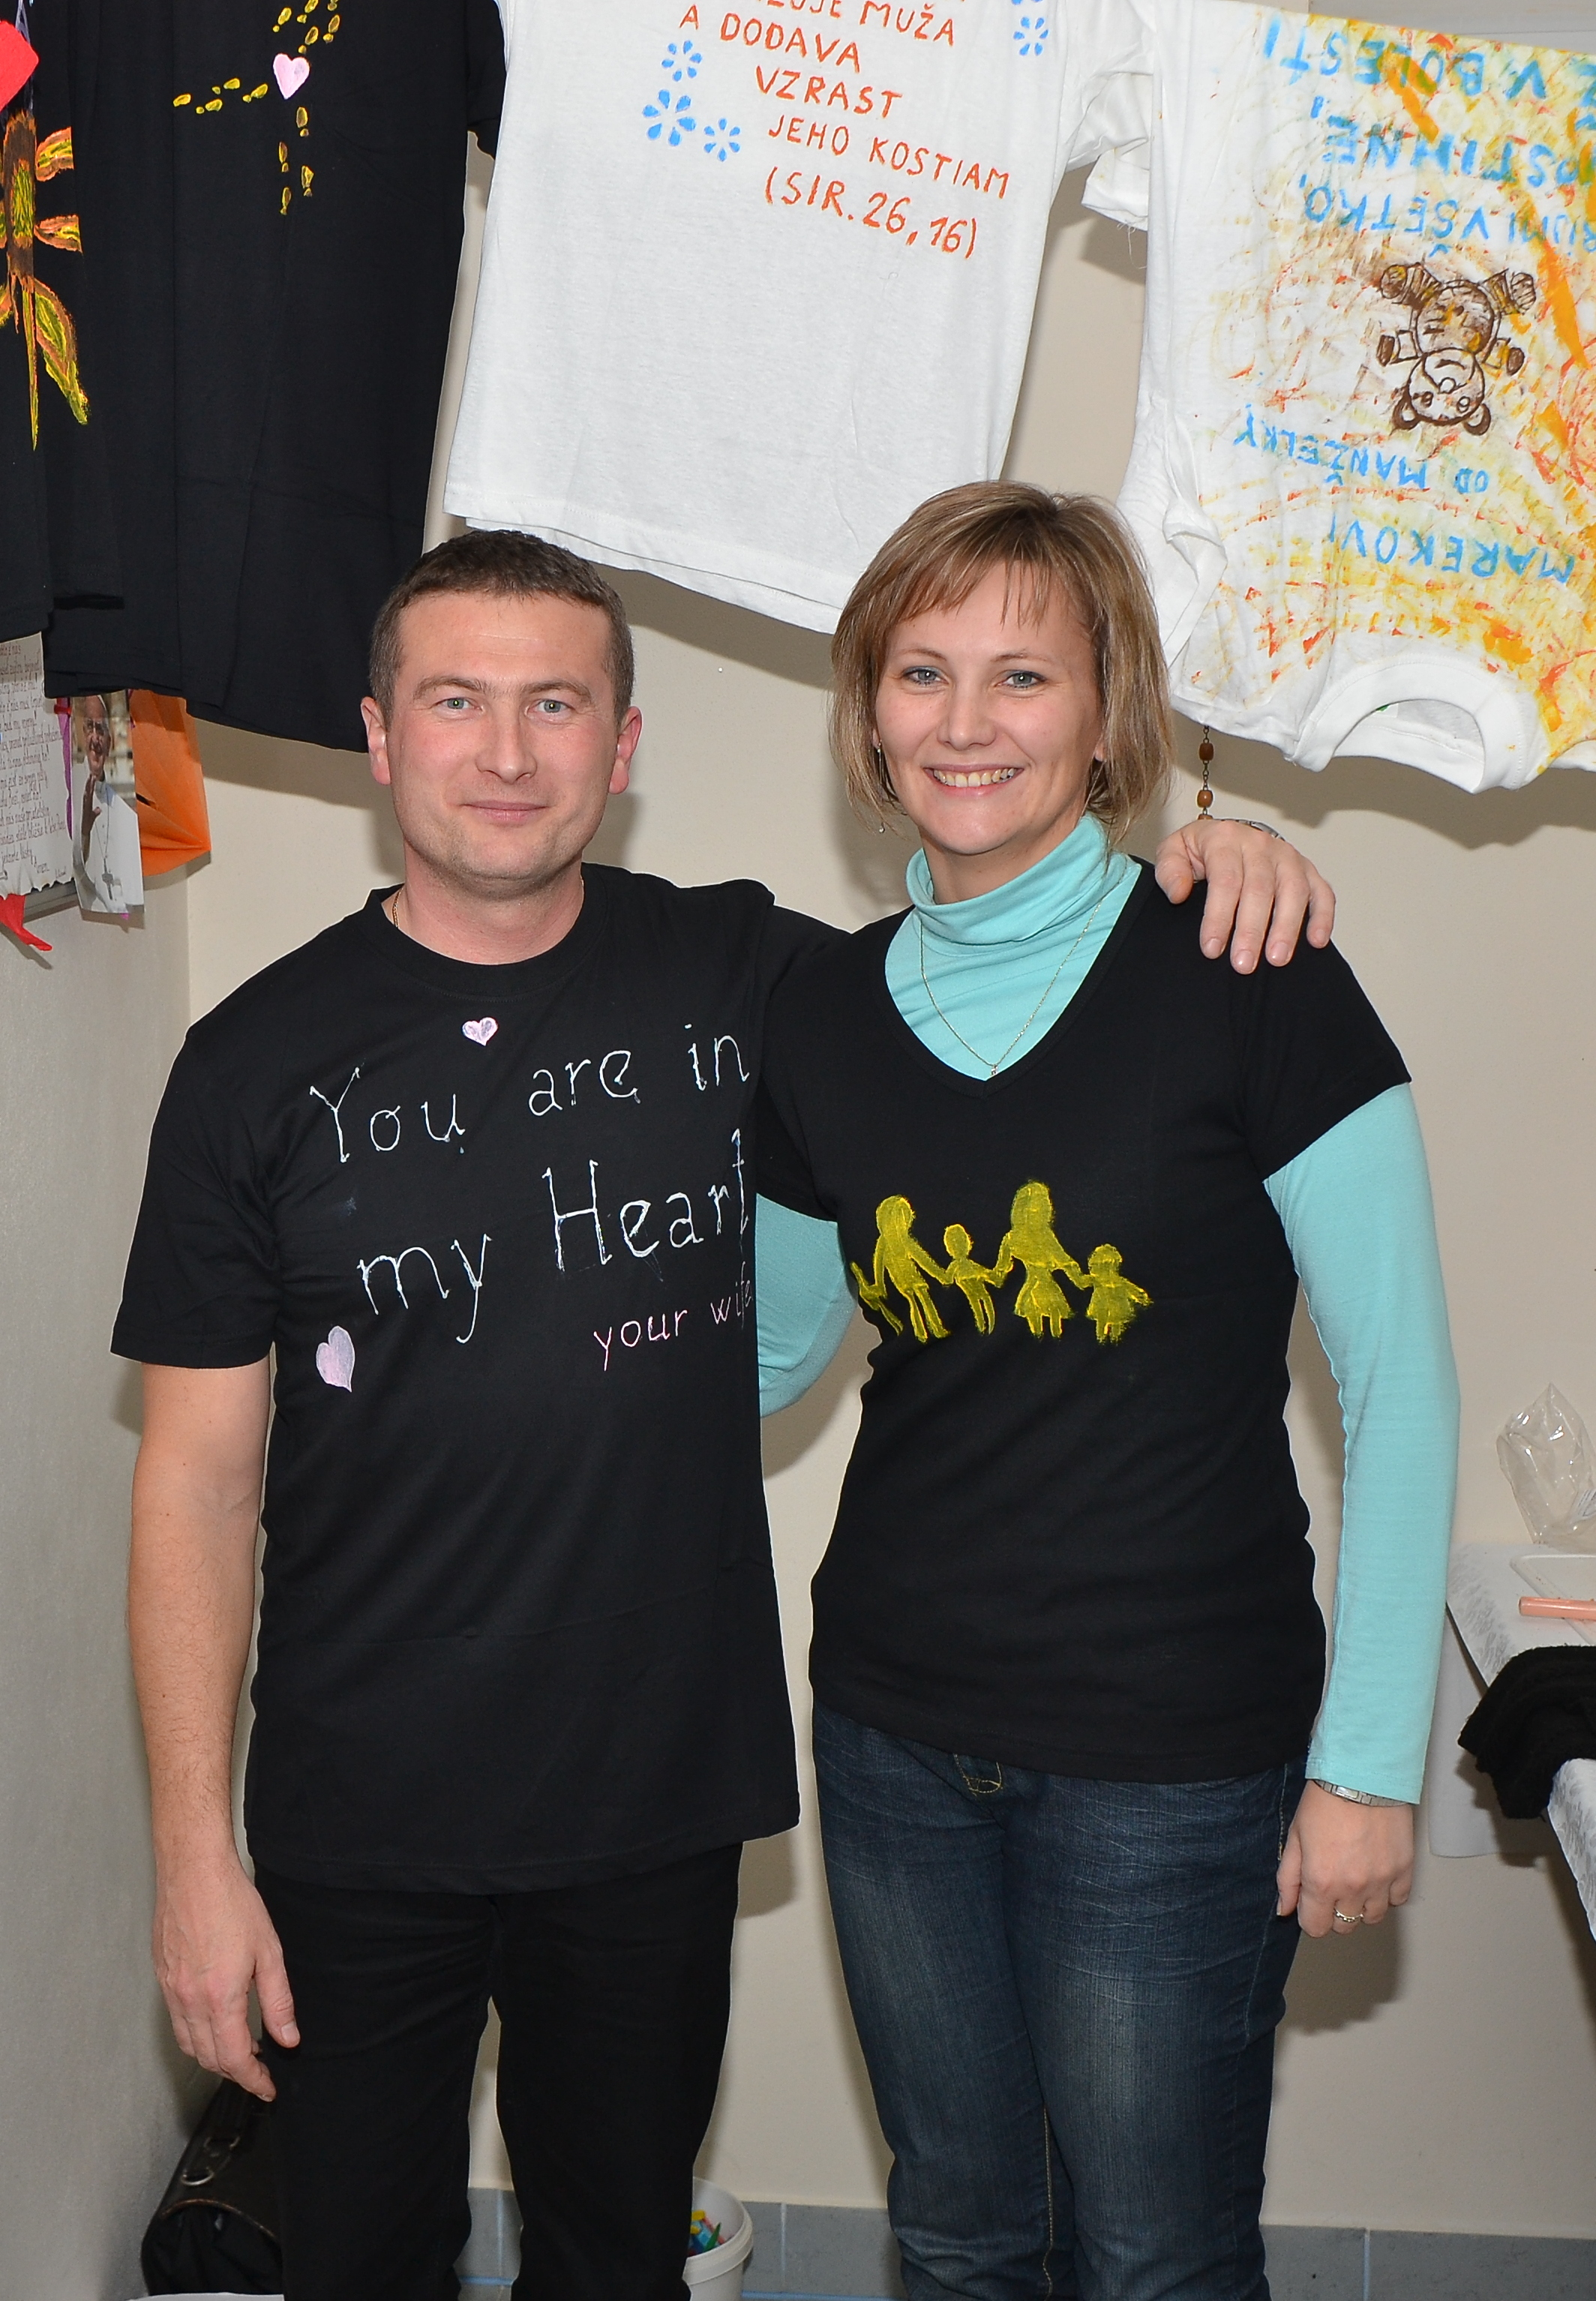 DSC_0622.JPG - Vzájomné manželské obdarovanie sa vlastnoručne namaľovaným tričkom